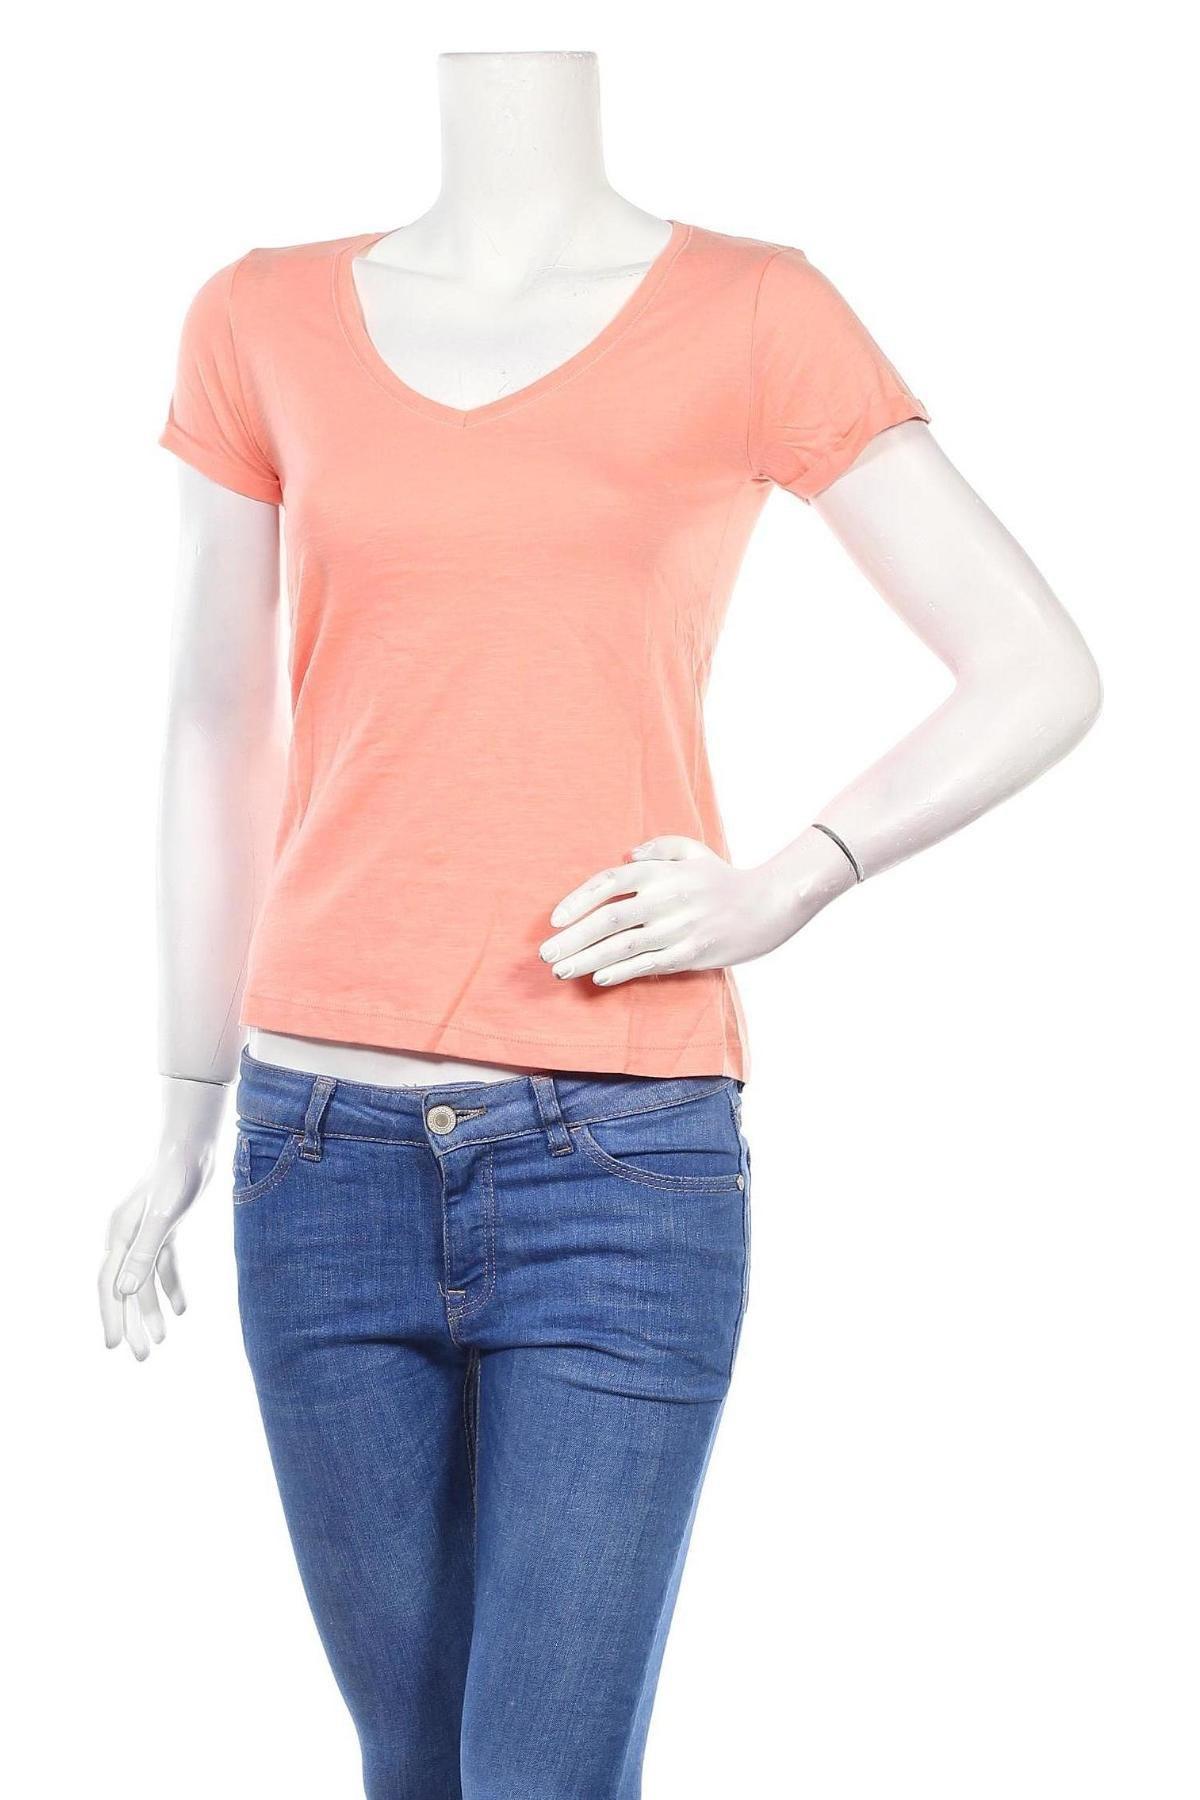 Дамска тениска Jennyfer, Размер S, Цвят Оранжев, Памук, Цена 15,08лв.